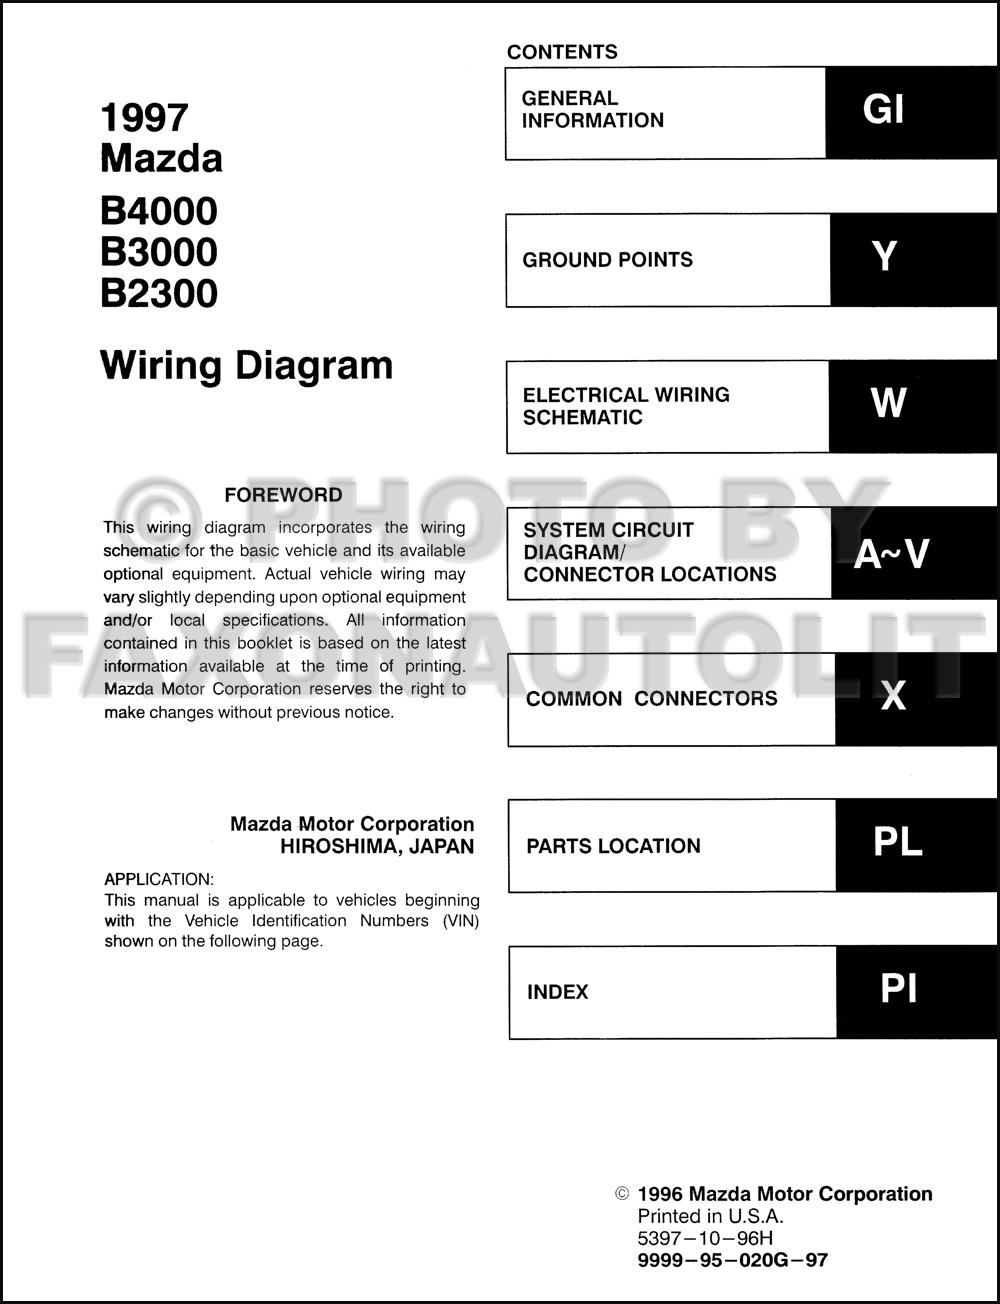 medium resolution of 1997 mazda wiring diagram 2 sg dbd de u20221997 mazda b4000 b3000 b2300 pickup truck